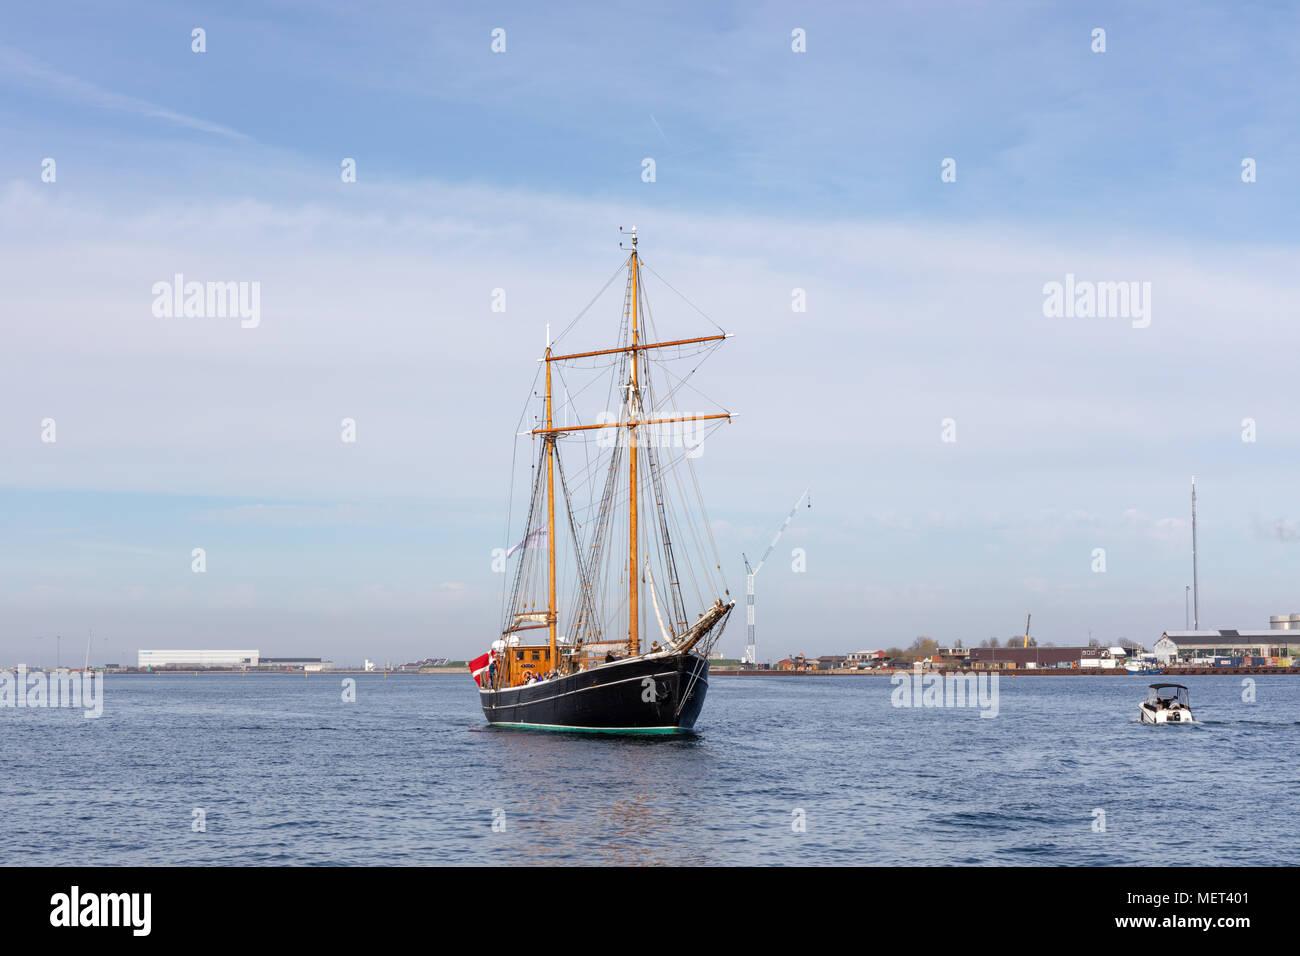 Old wooden ship in Copenhagen Harbour; Denmark - Stock Image